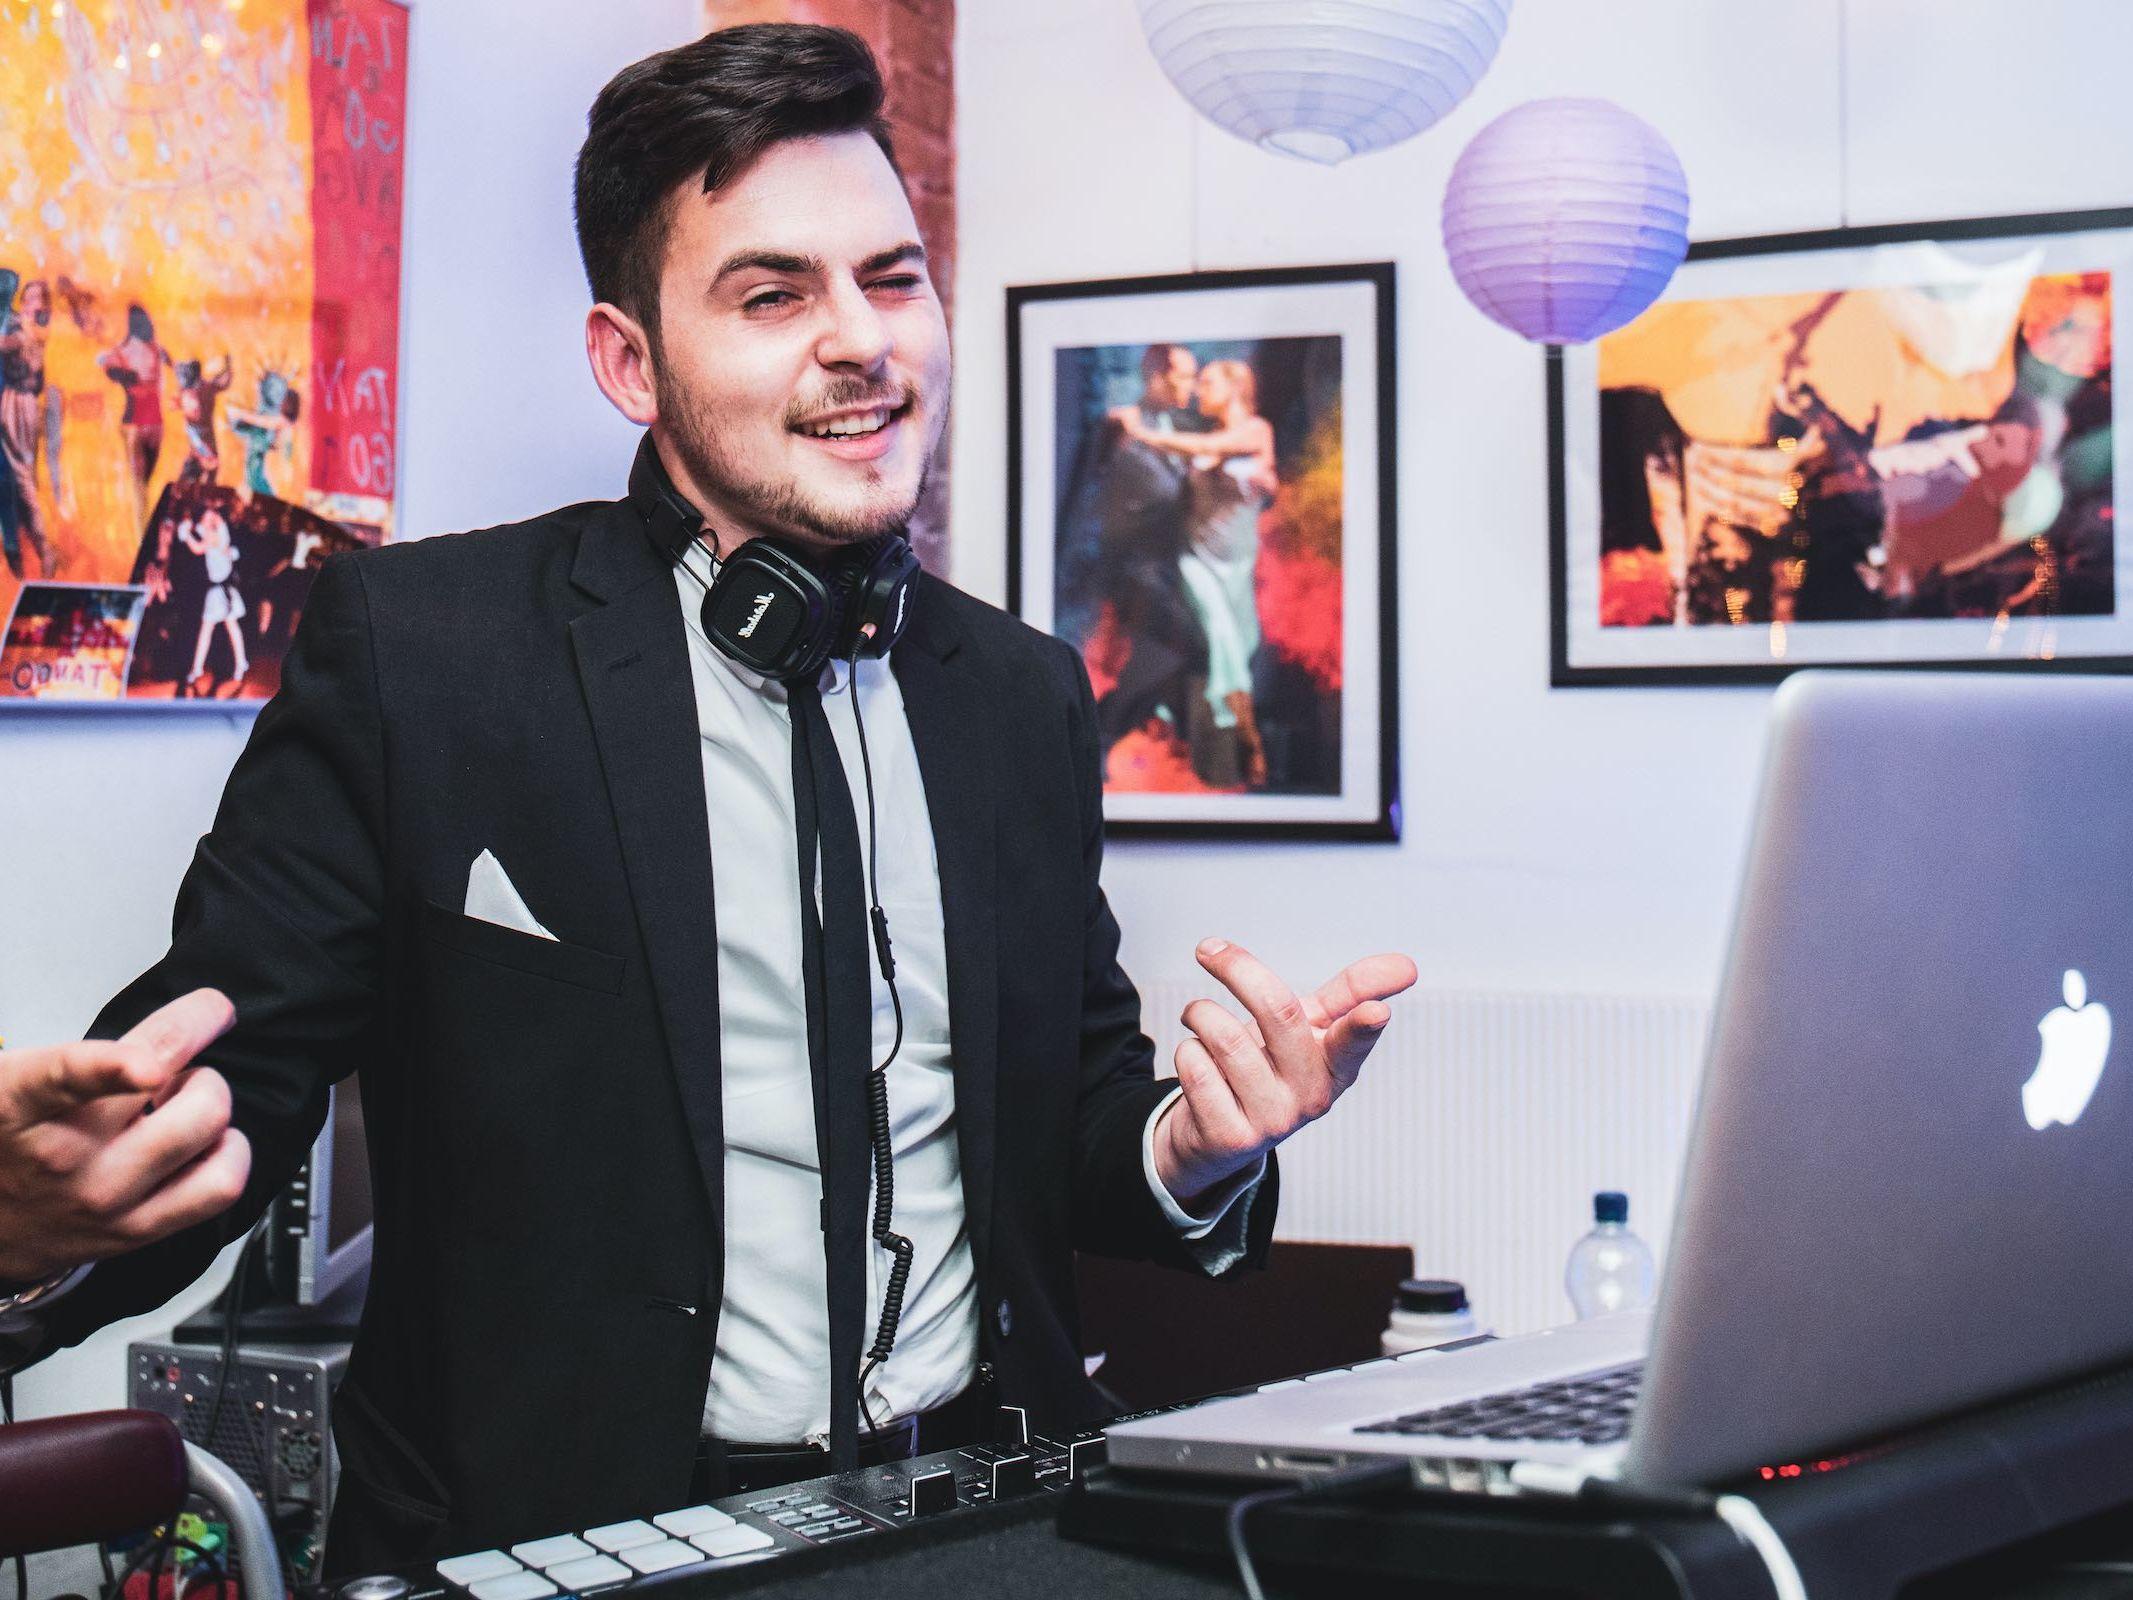 DJ | Hannover | Mieten | Buchen | Hannover | Marvin | Feike | DJ | Hochzeit | Messe | DJ | Event | DJ | Geburtstag | DJ | Betriebsfeier | DJ | Buchen | Discjockey | Mieten | DJ | Agentur | Lehmann | Eventservice